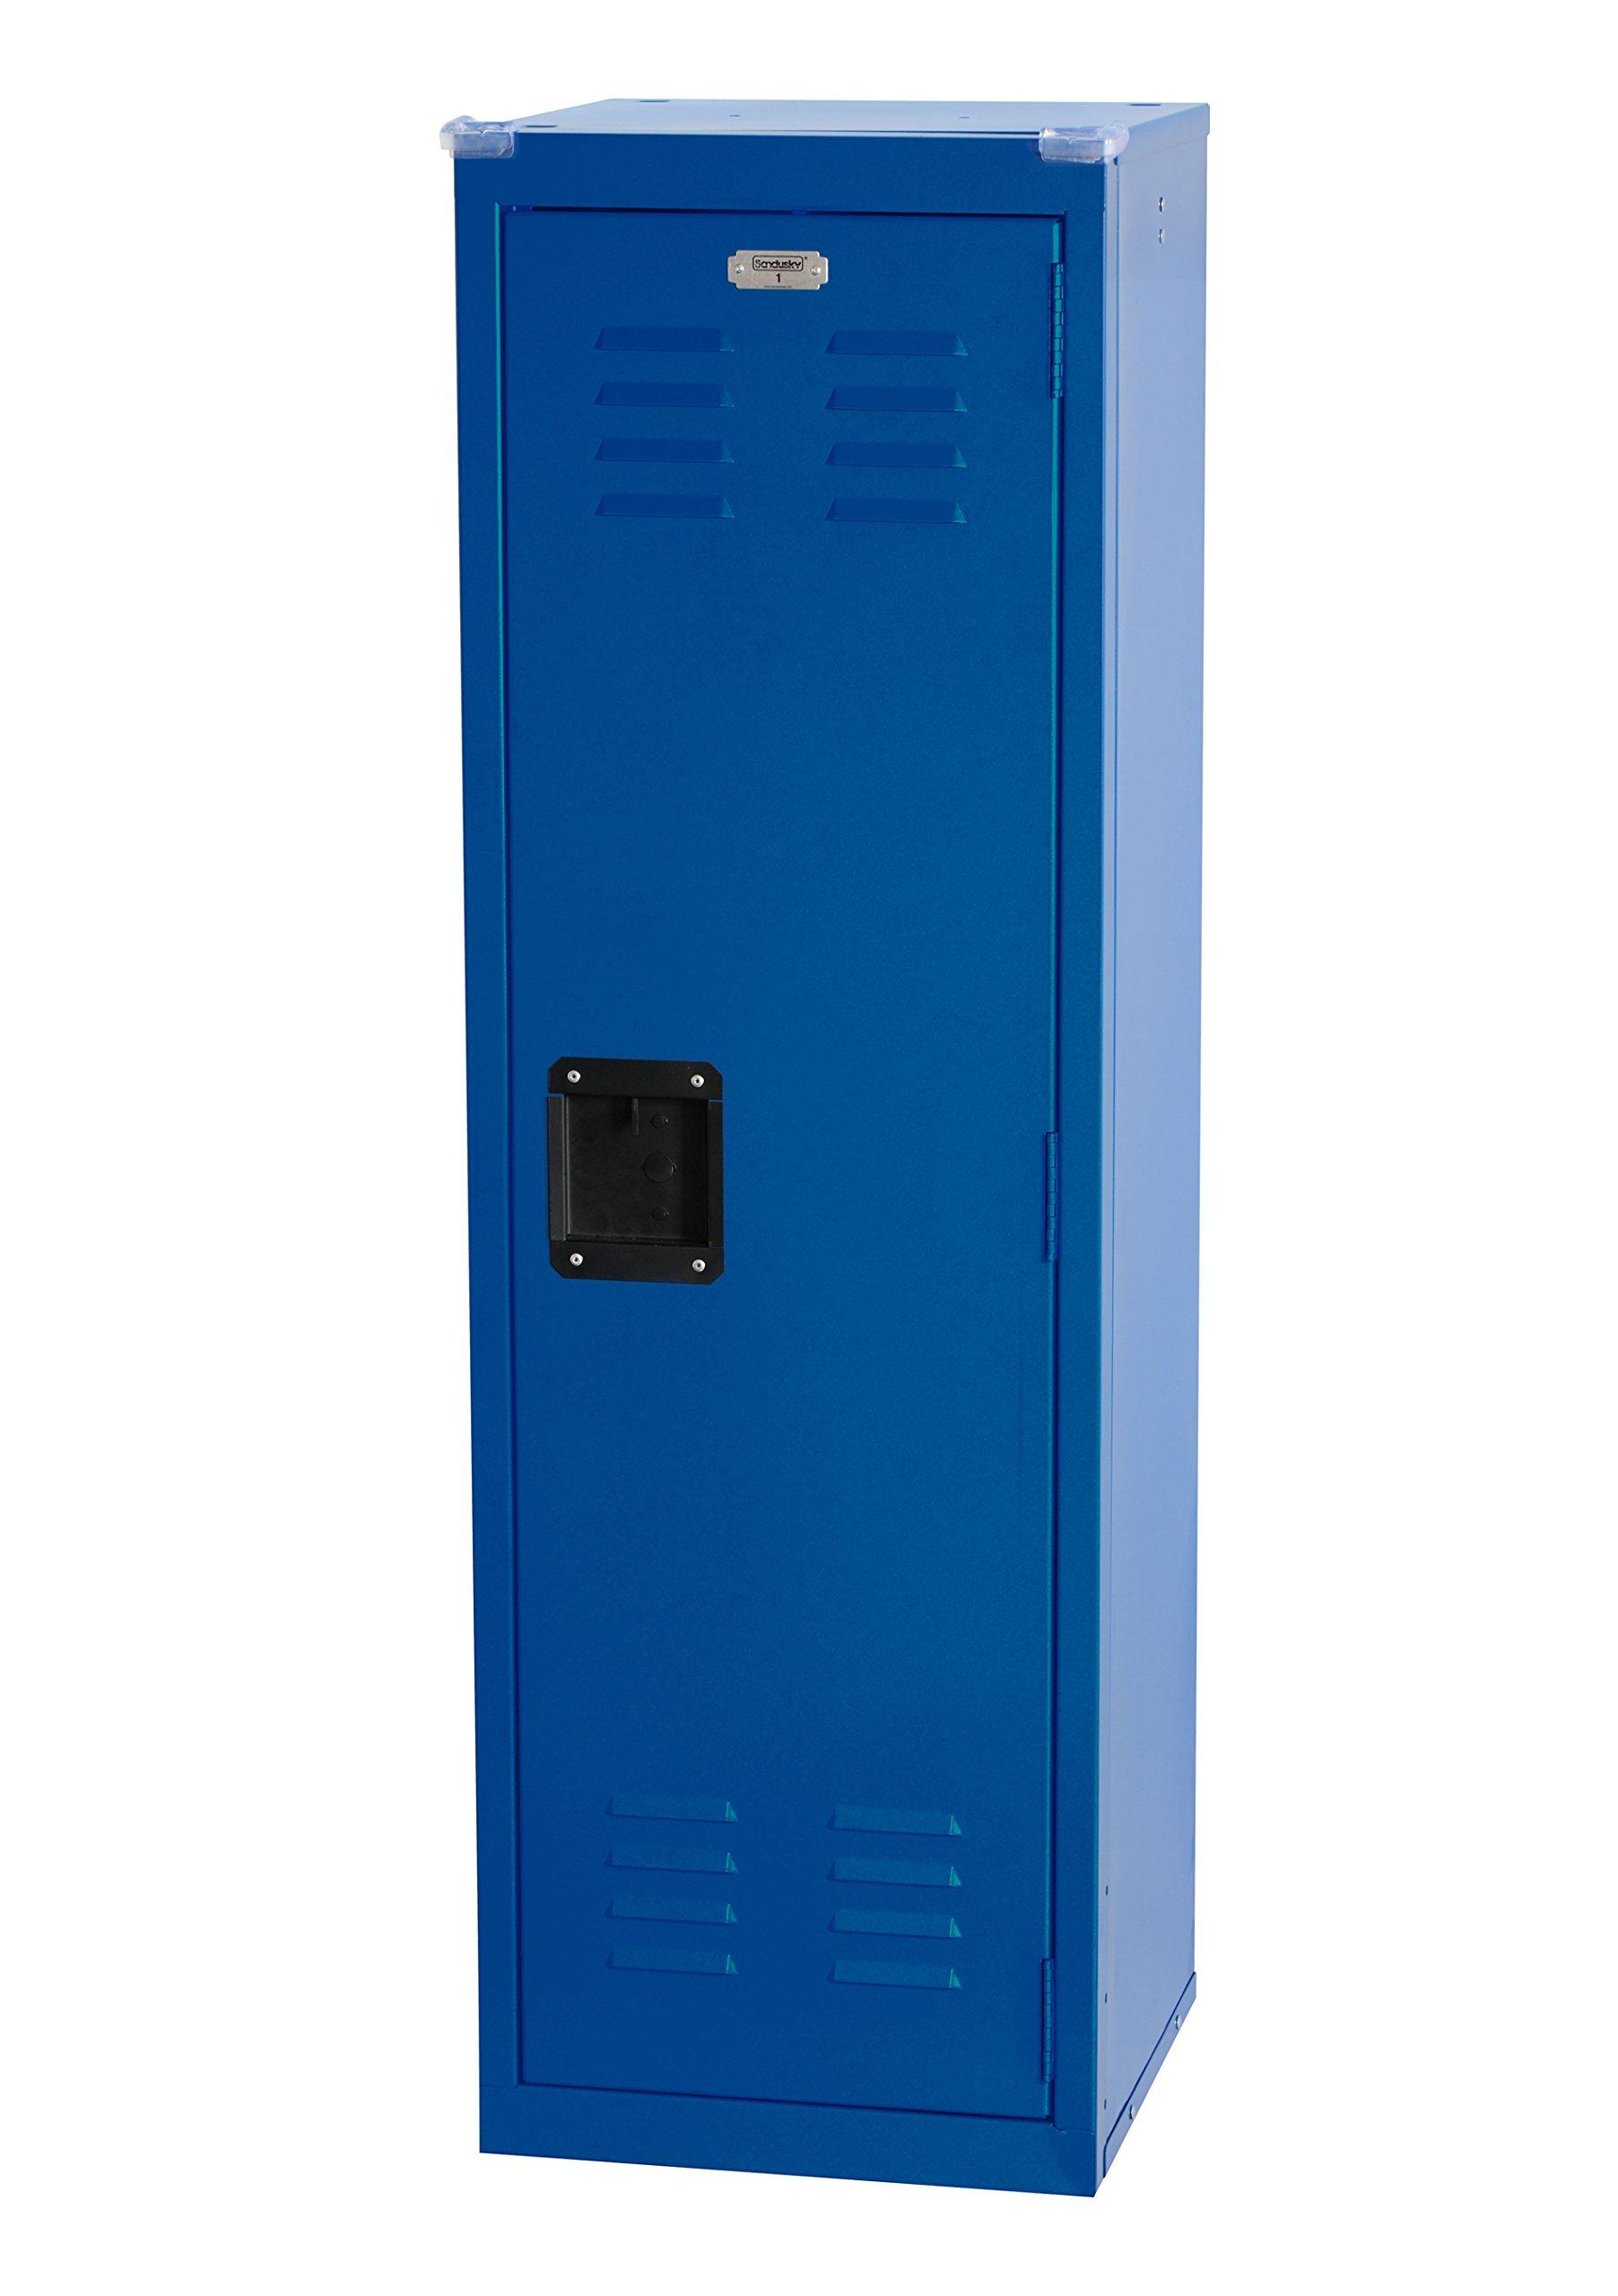 Sandusky Lee Kids Locker, KDLB151548-06 1-Tier Steel Locker, 48'' by Sandusky